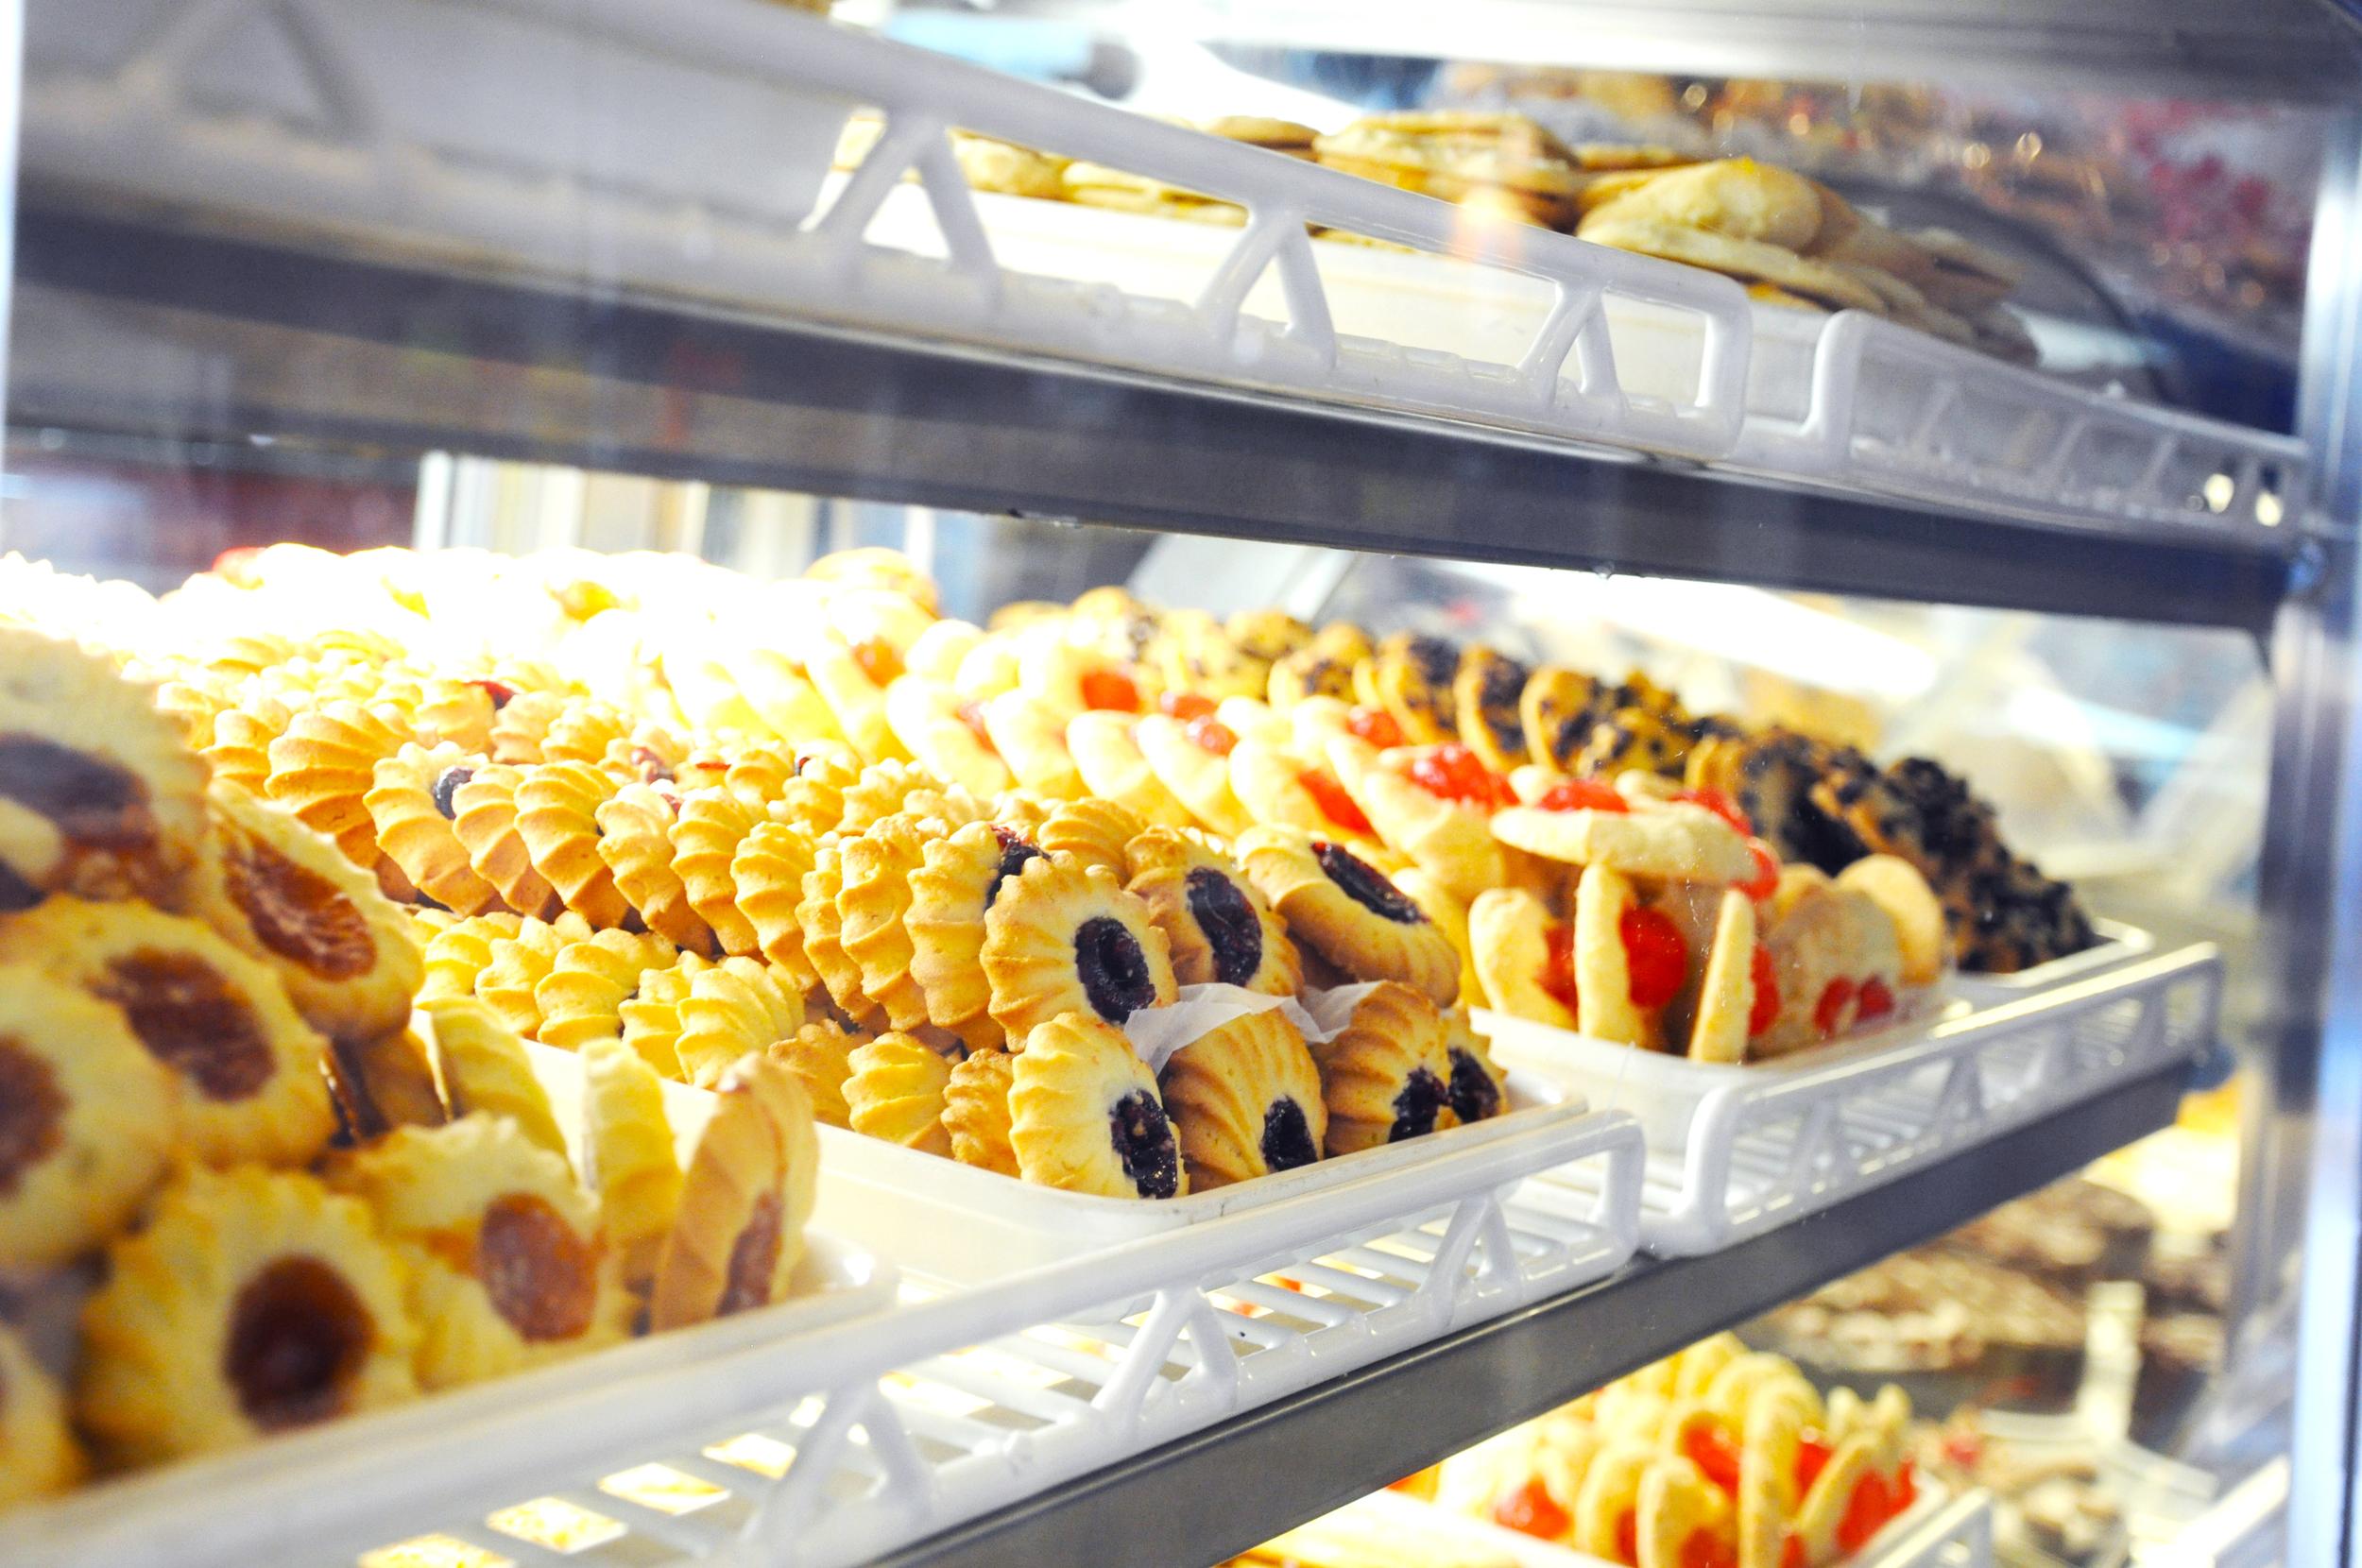 Cookies at Leske's Bakery